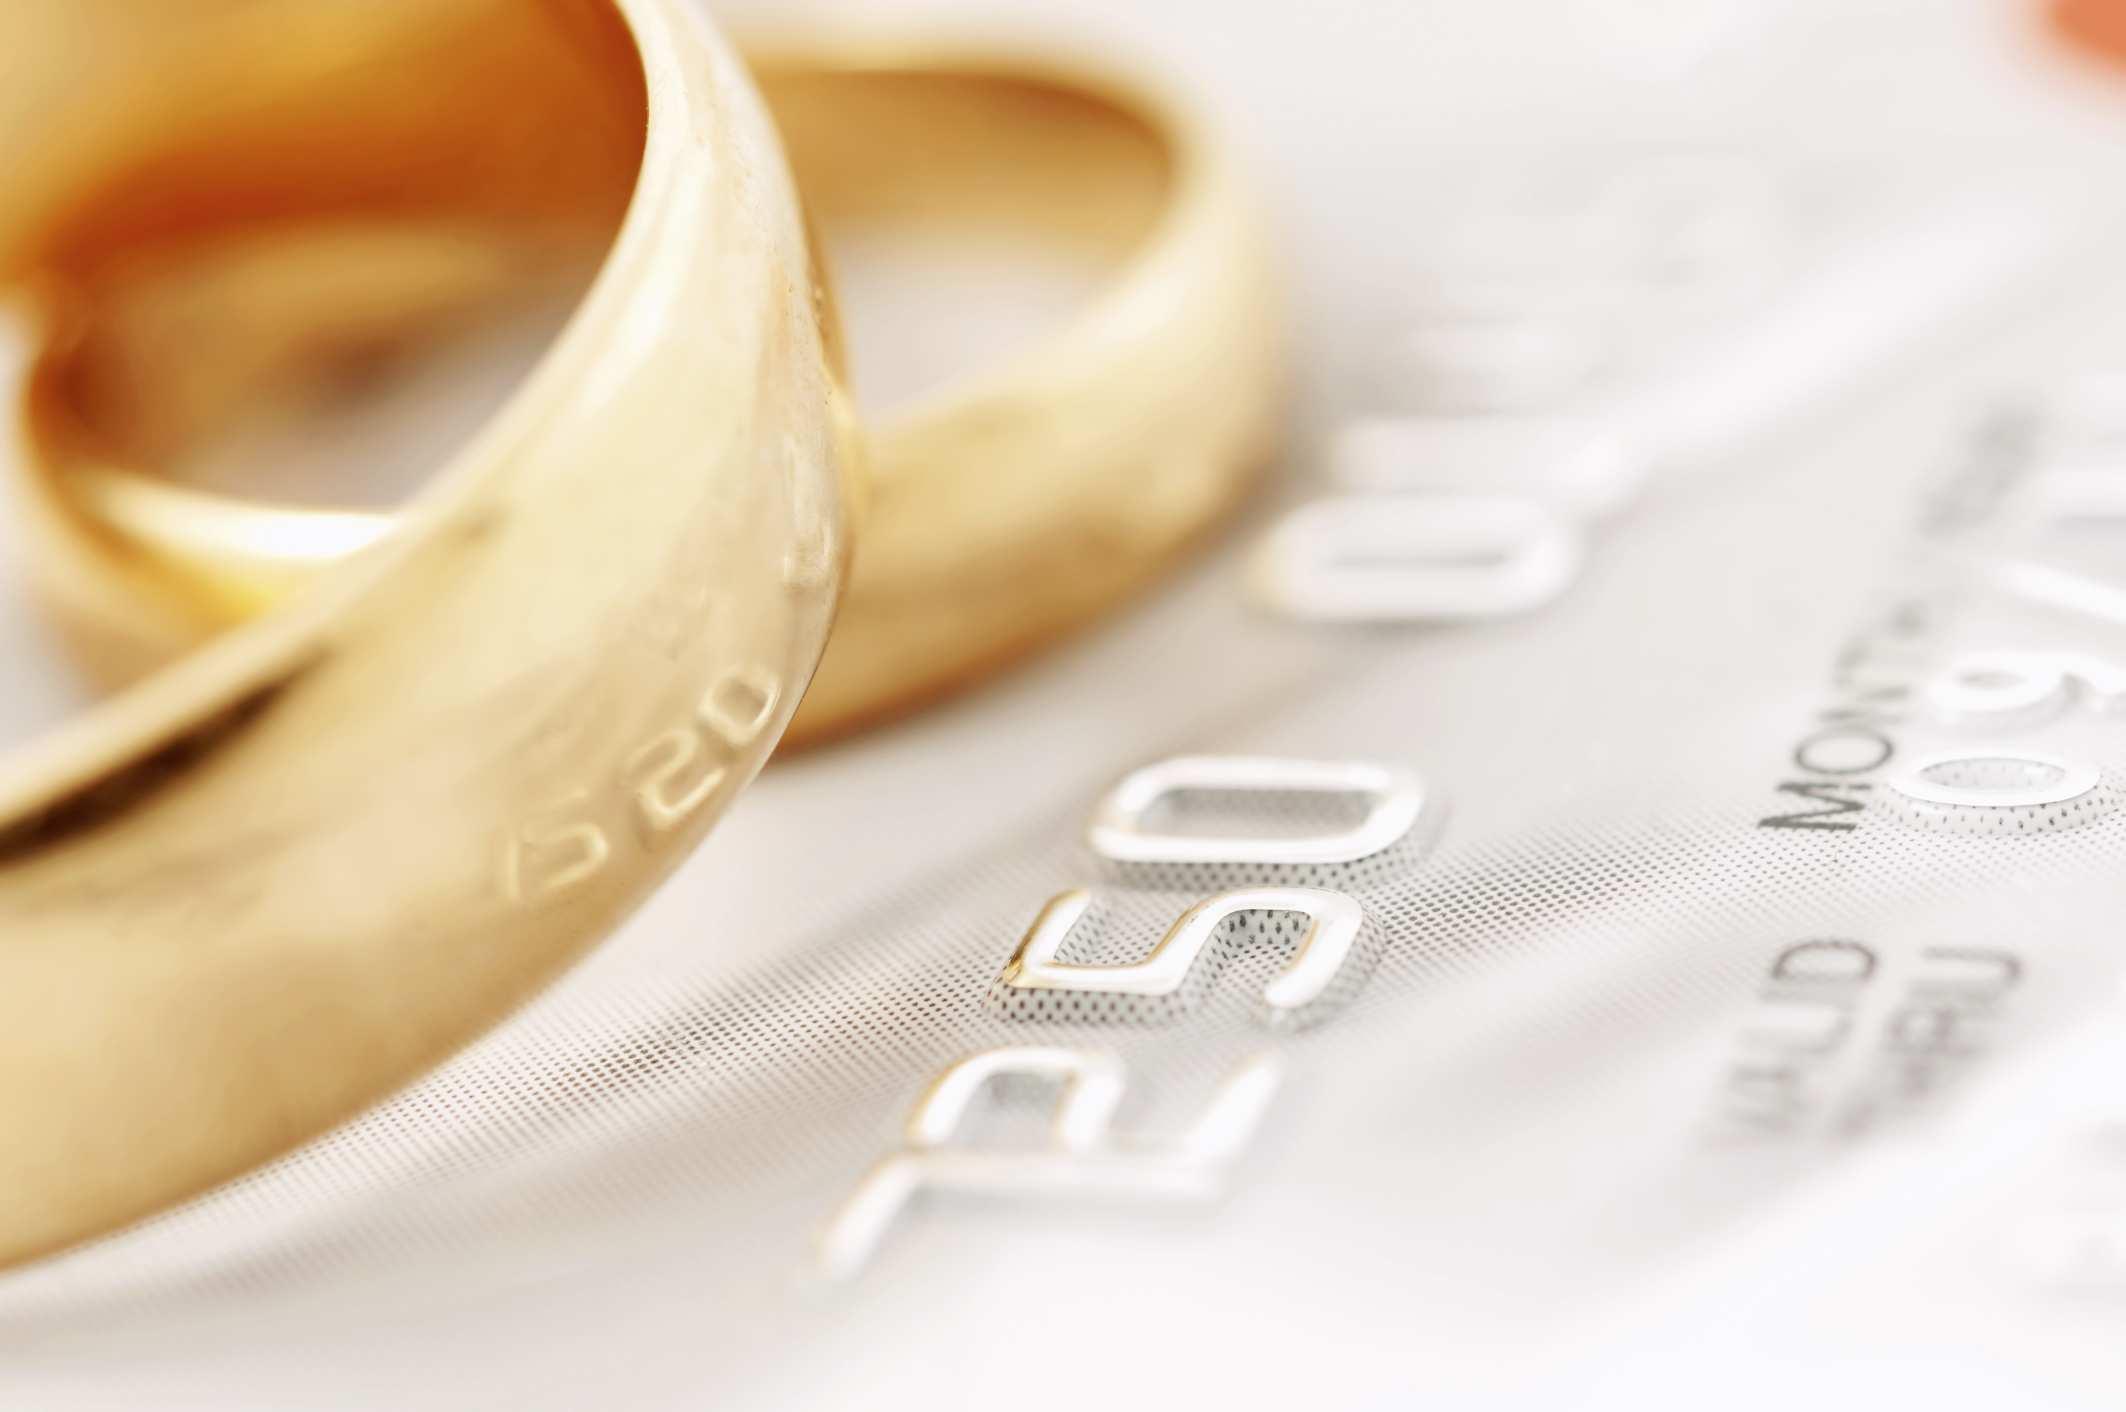 نبود ضامن؛ دست جوانان را از تسهیلات ازدواج کوتاه کرد